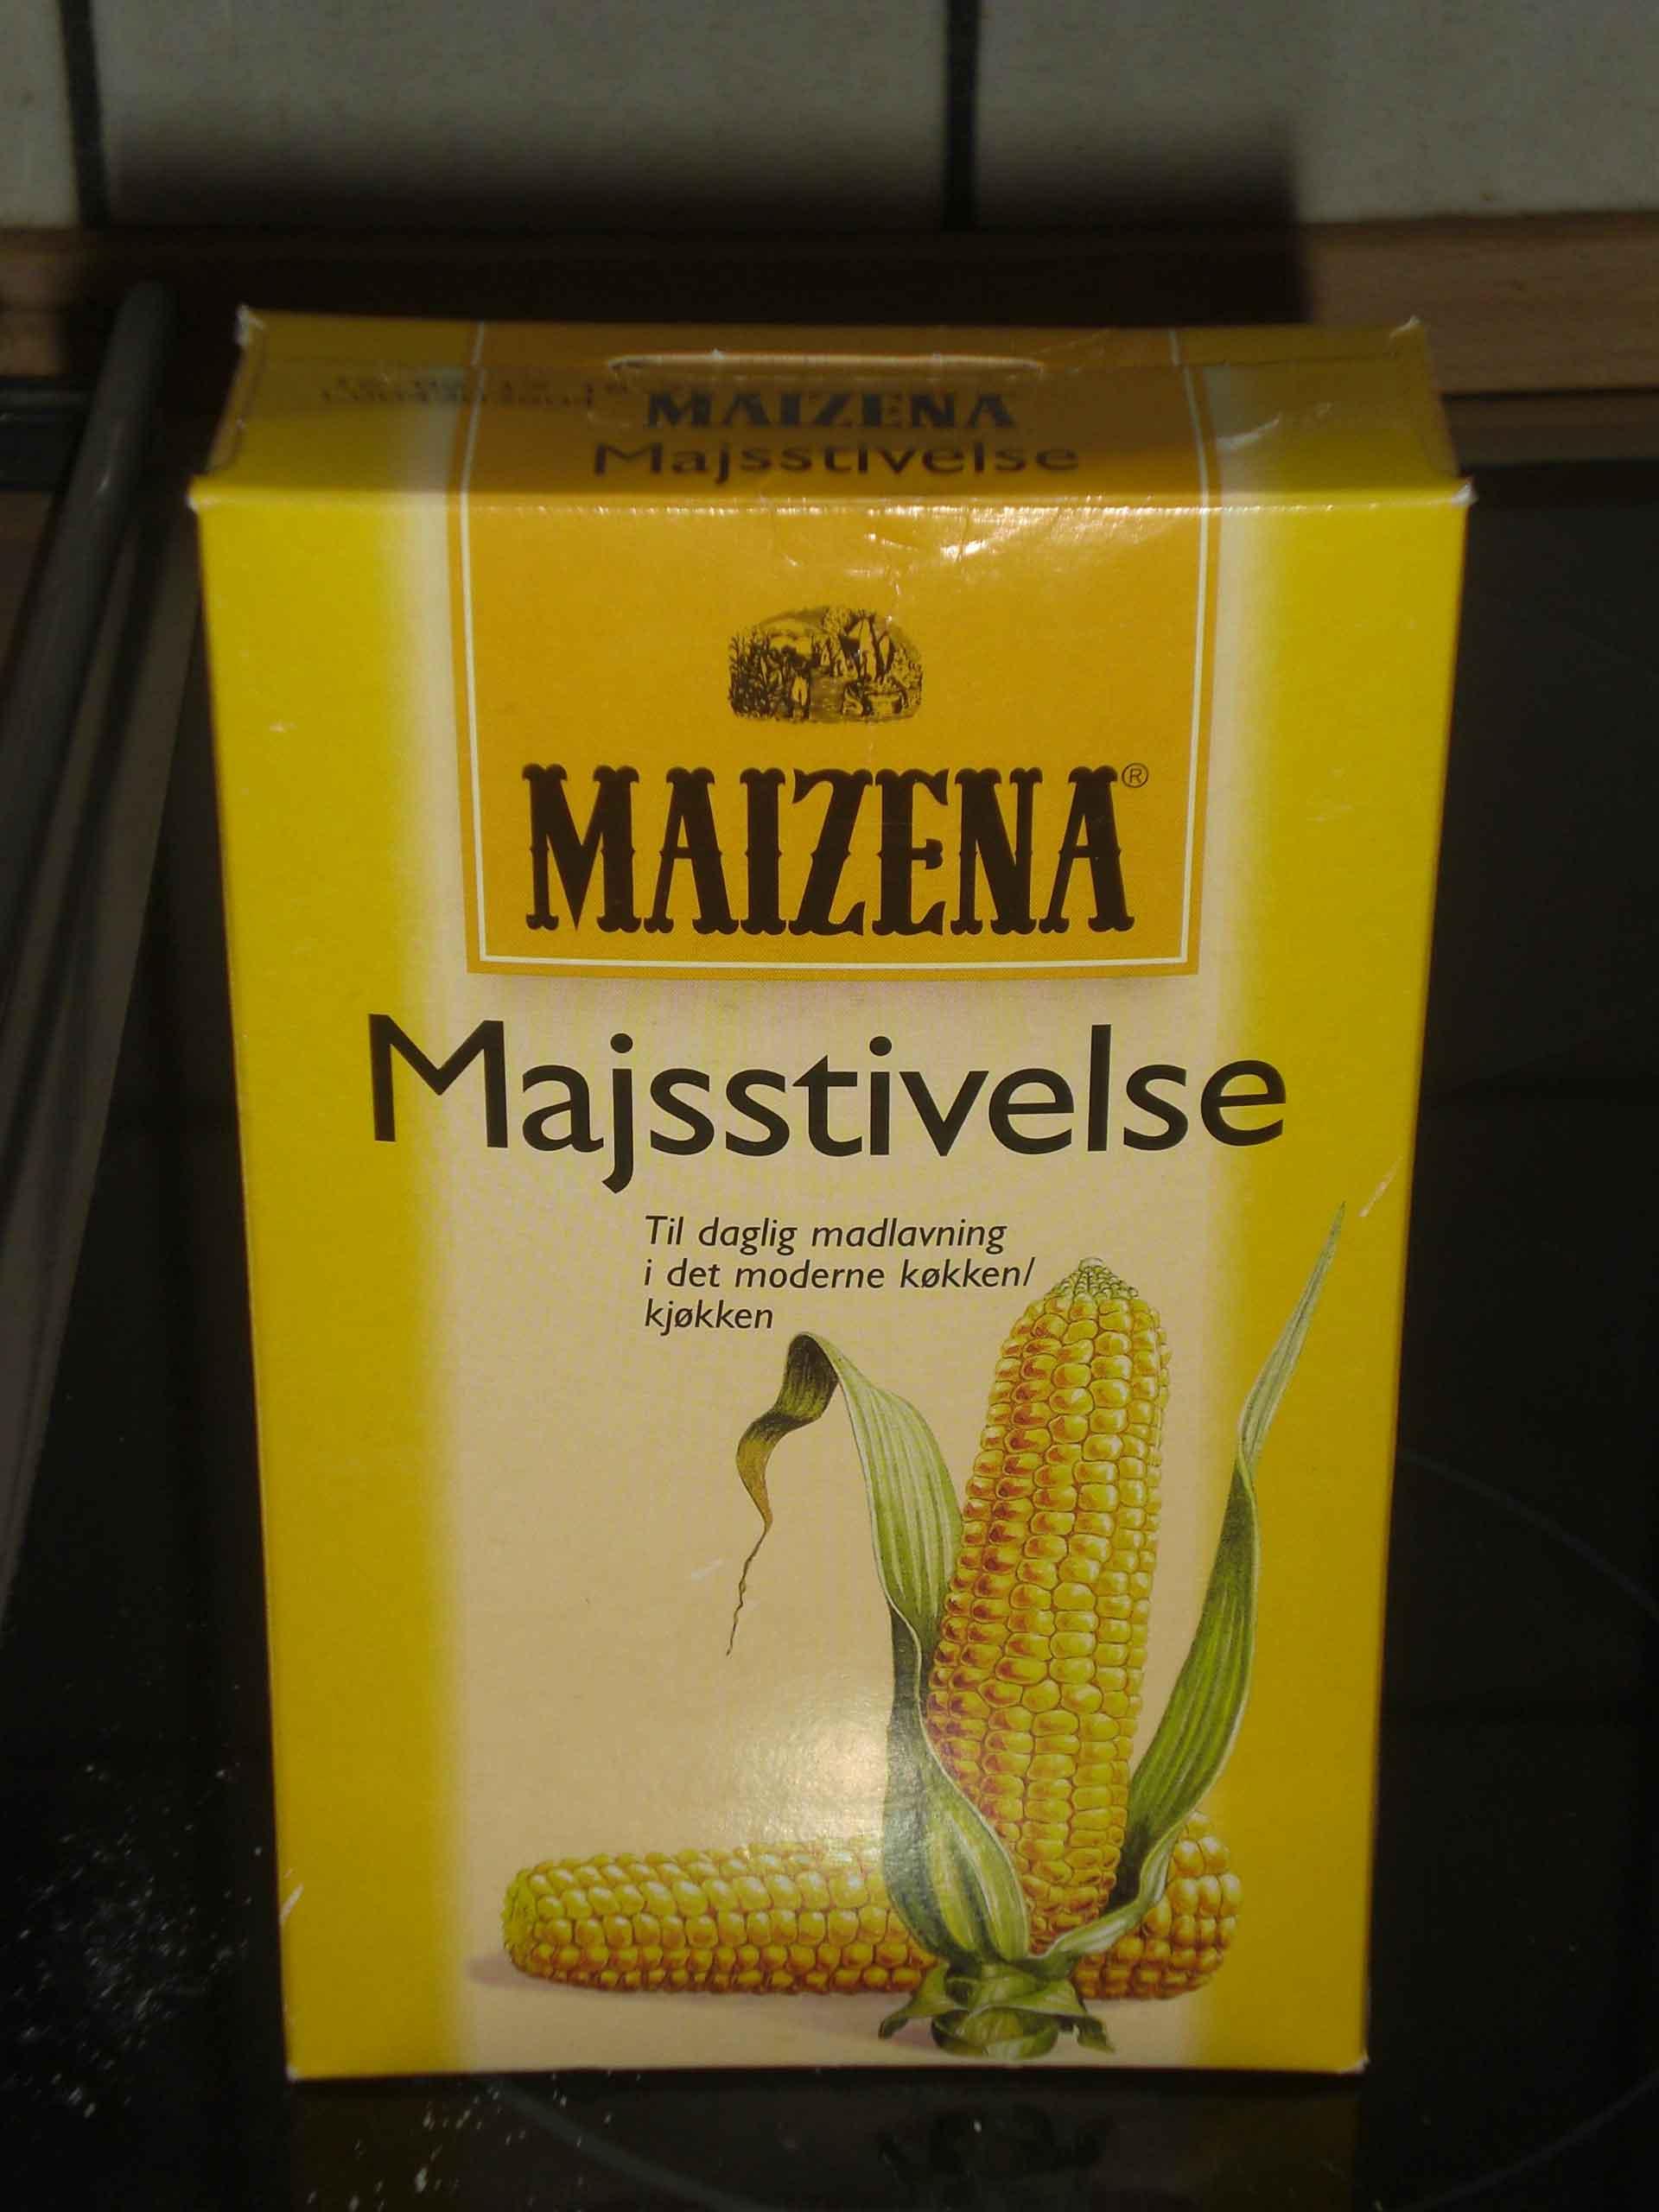 Tilsæt majsstivelse.